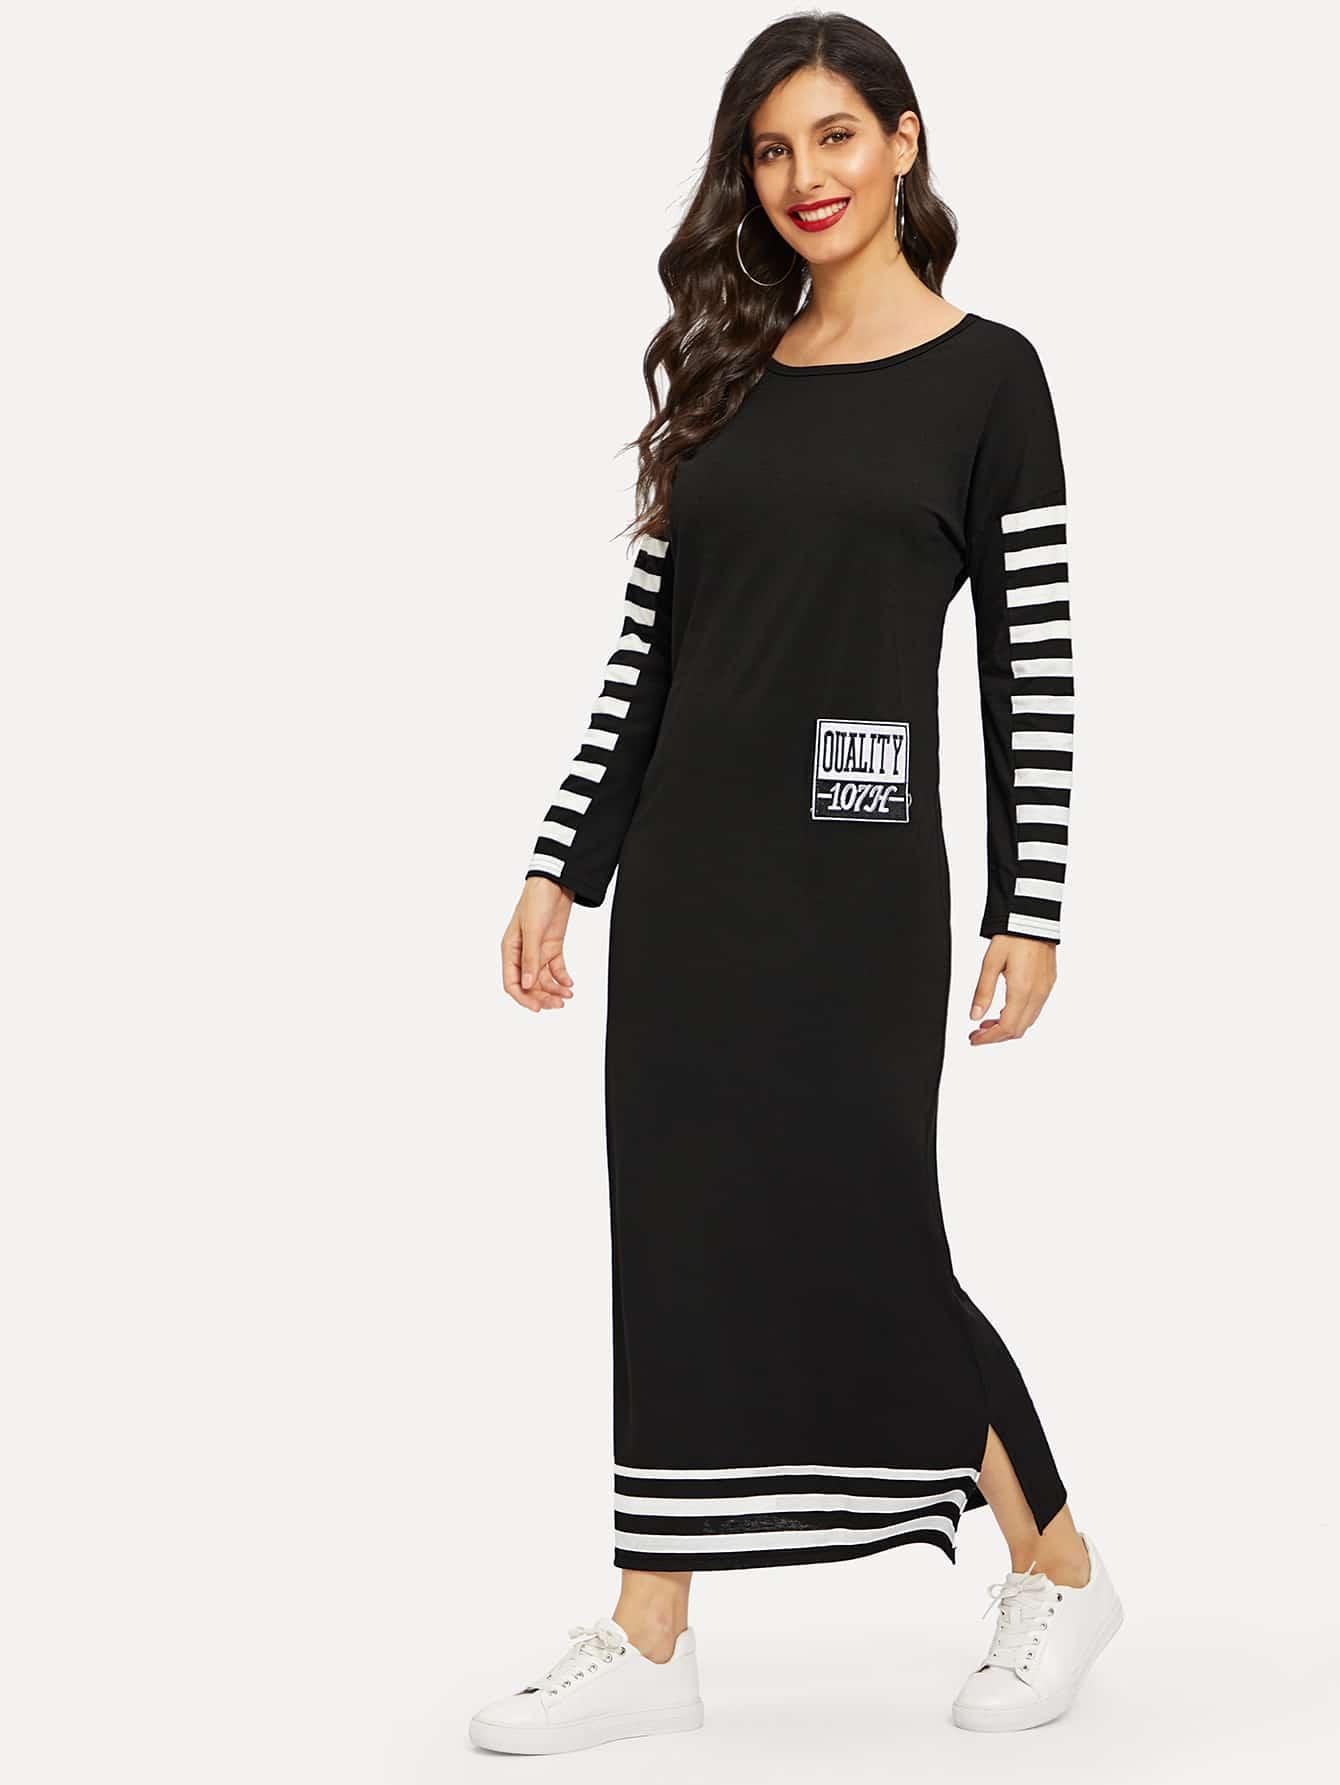 Длинное платье в полоску с вышитым текстовым принтом, Jeane, SheIn  - купить со скидкой